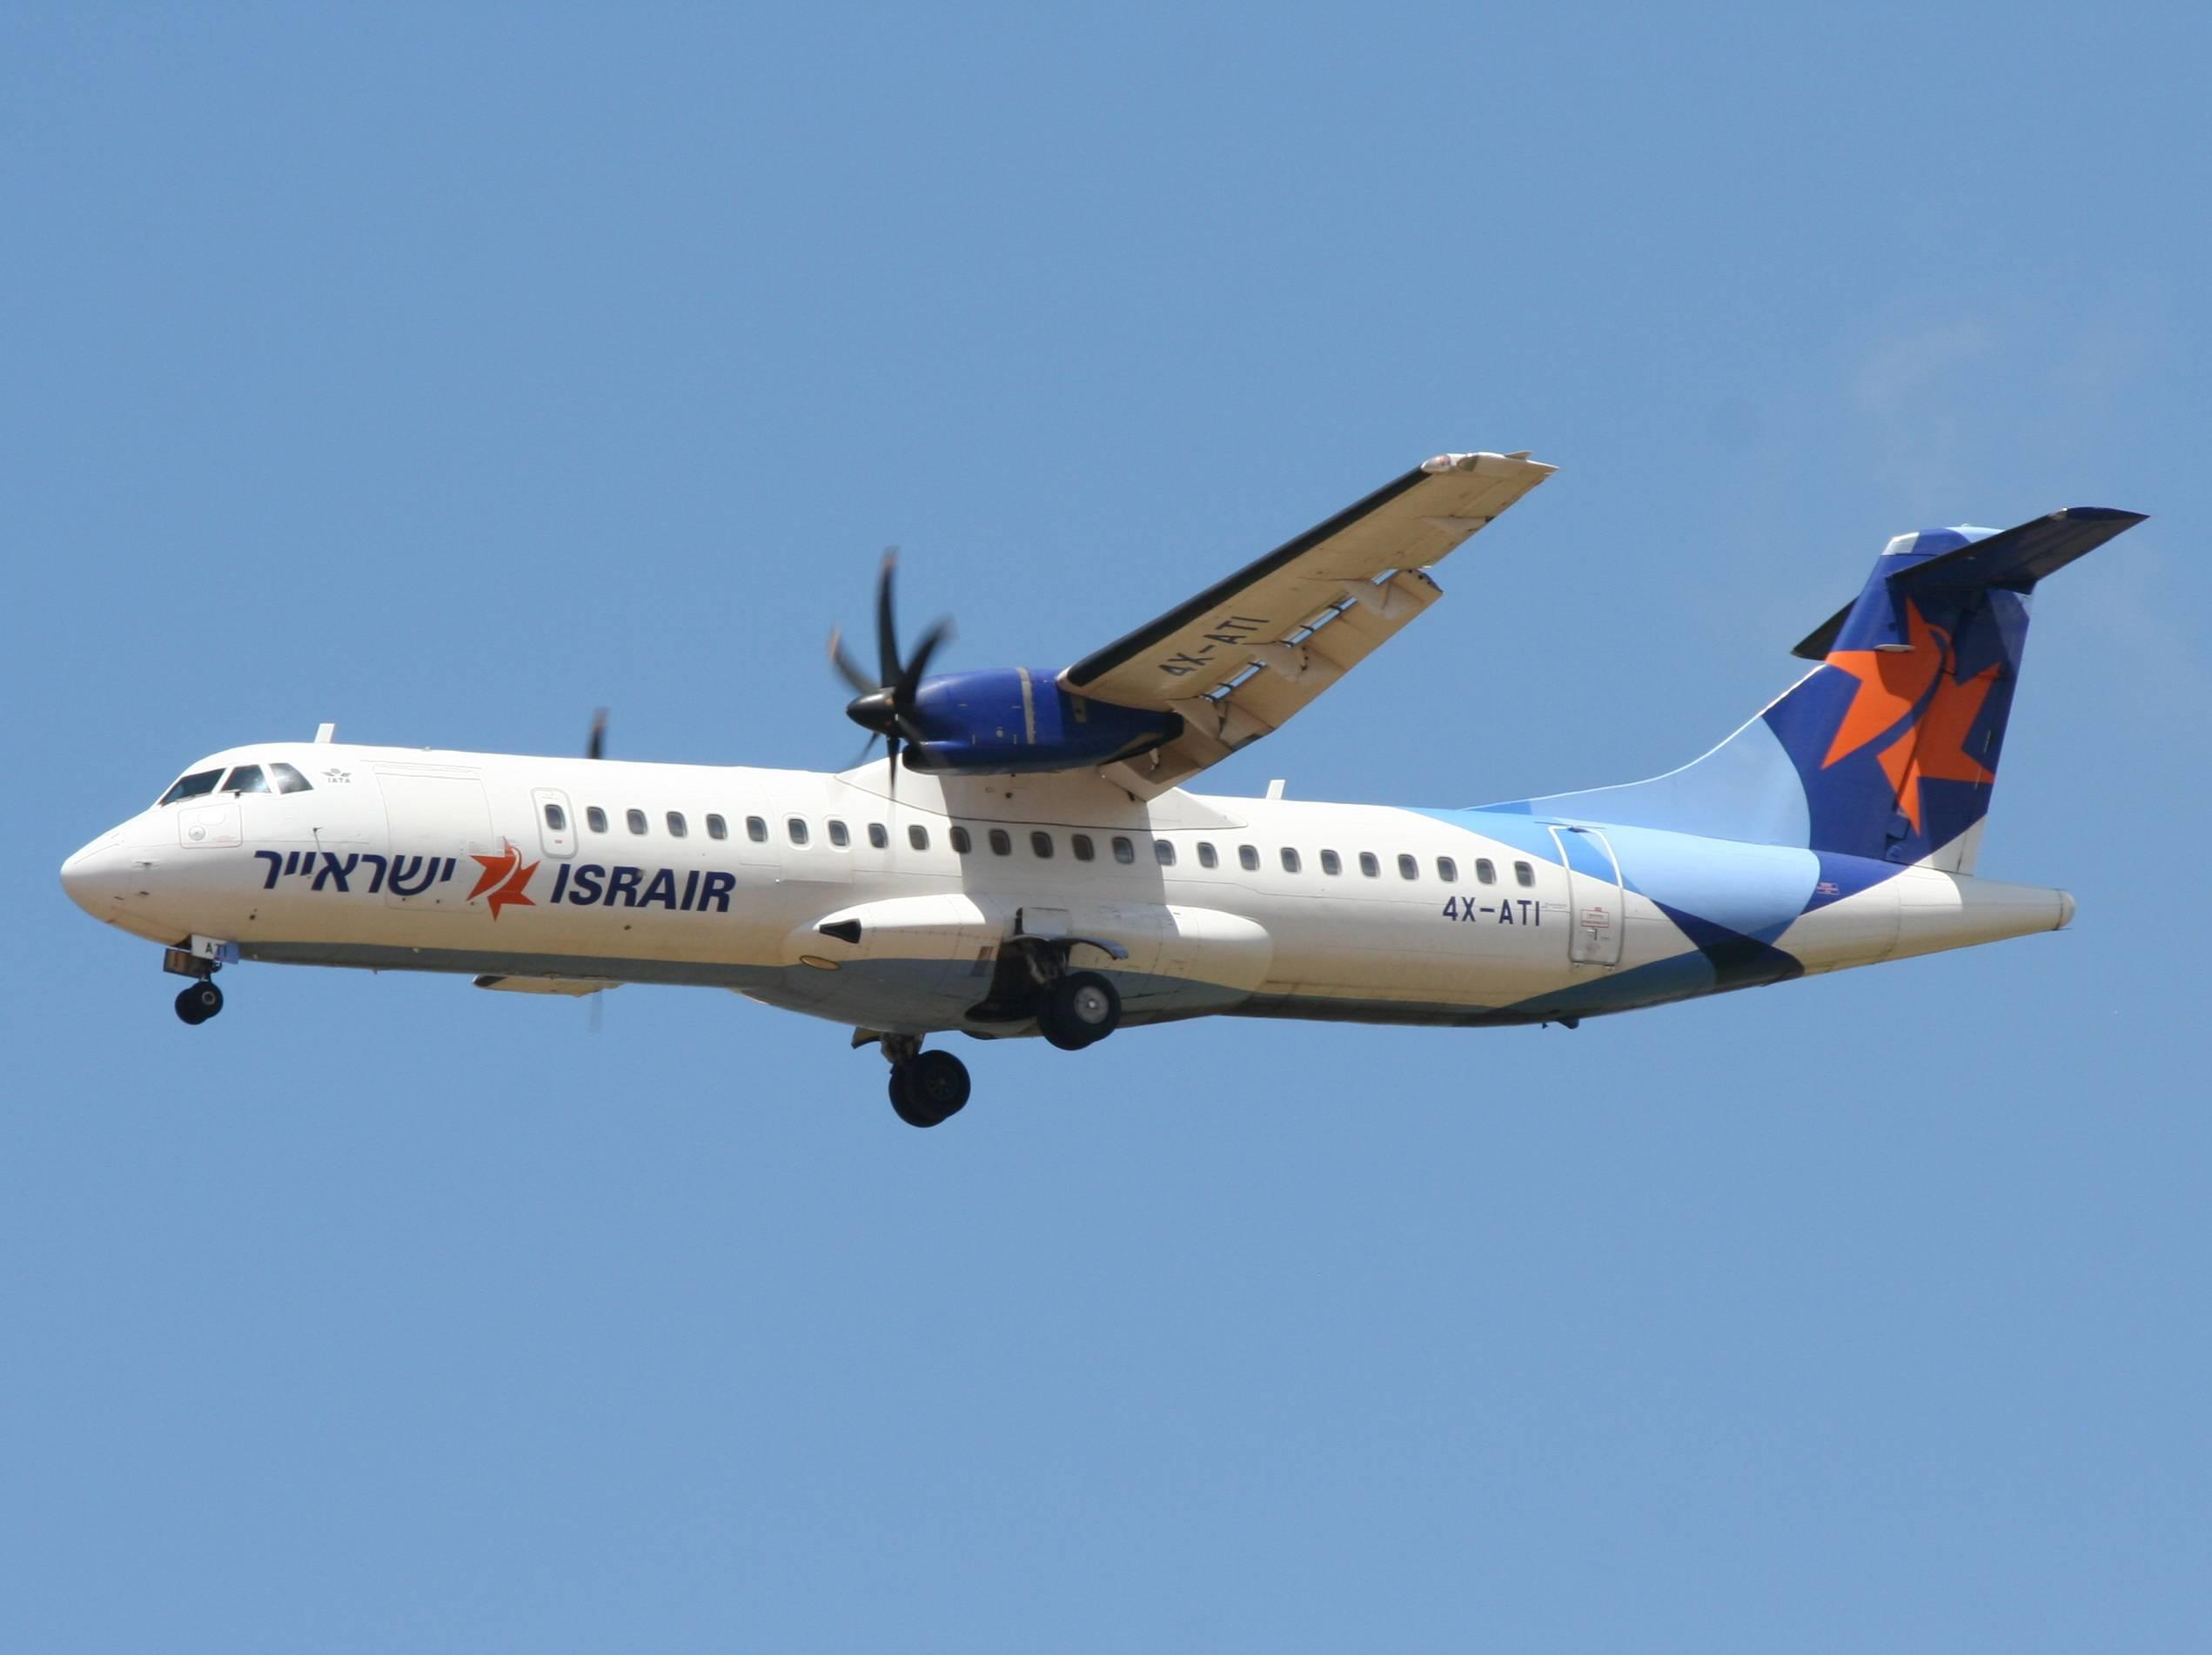 Национальная авиакомпания «montenegro airlines» — флагман гражданской авиации черногории